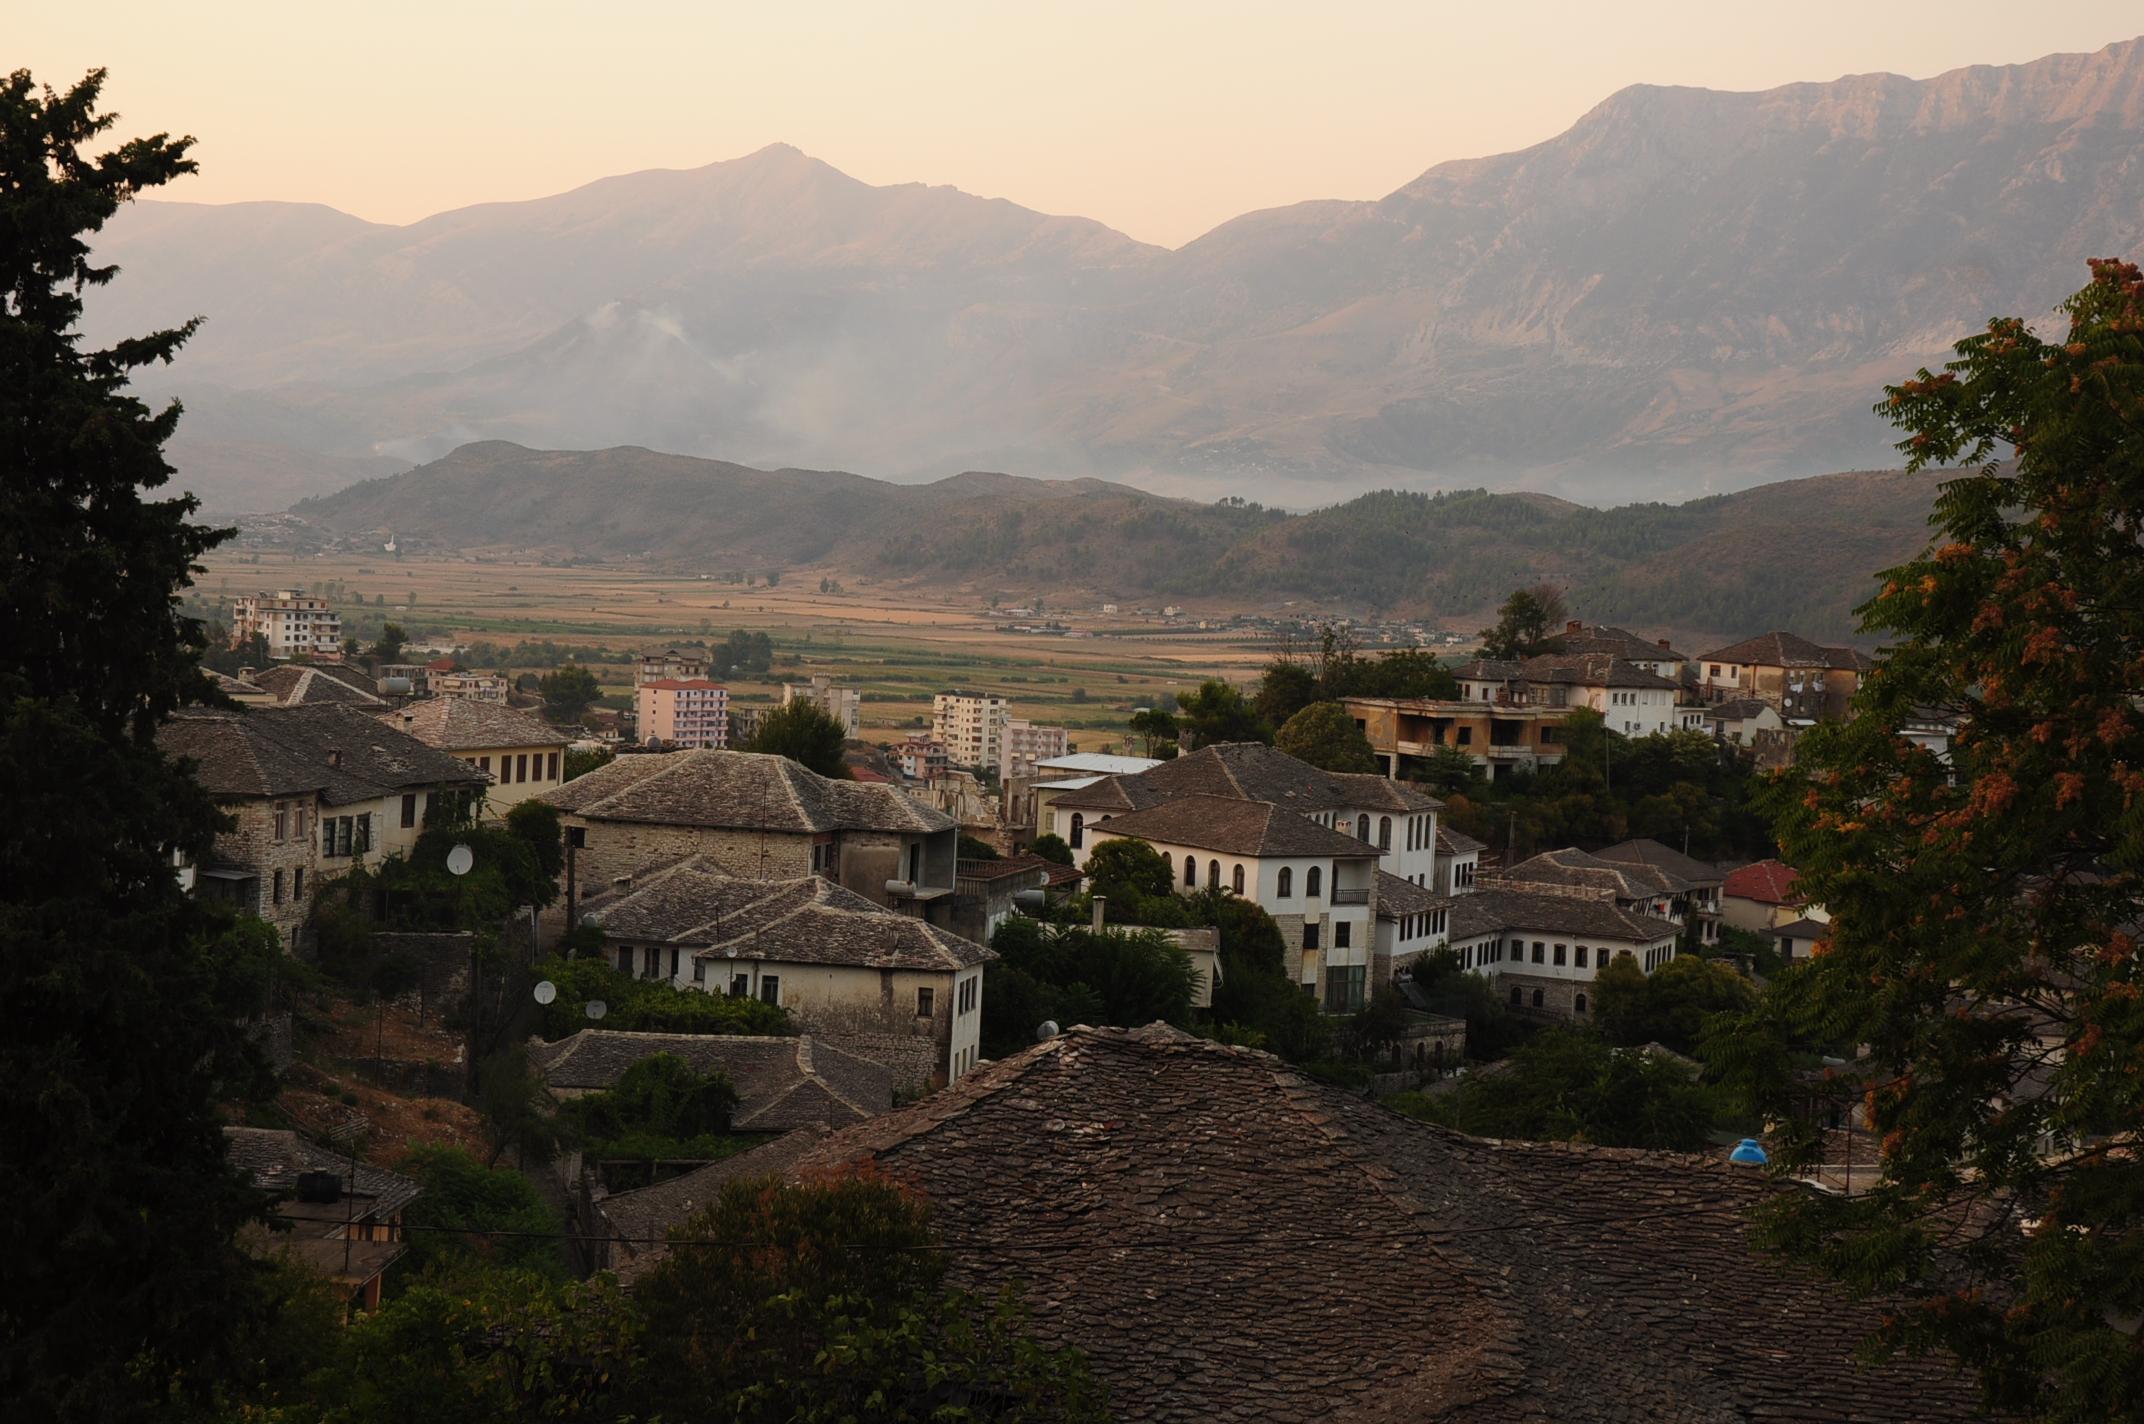 Gjirokaster kőlapokkal borított házai